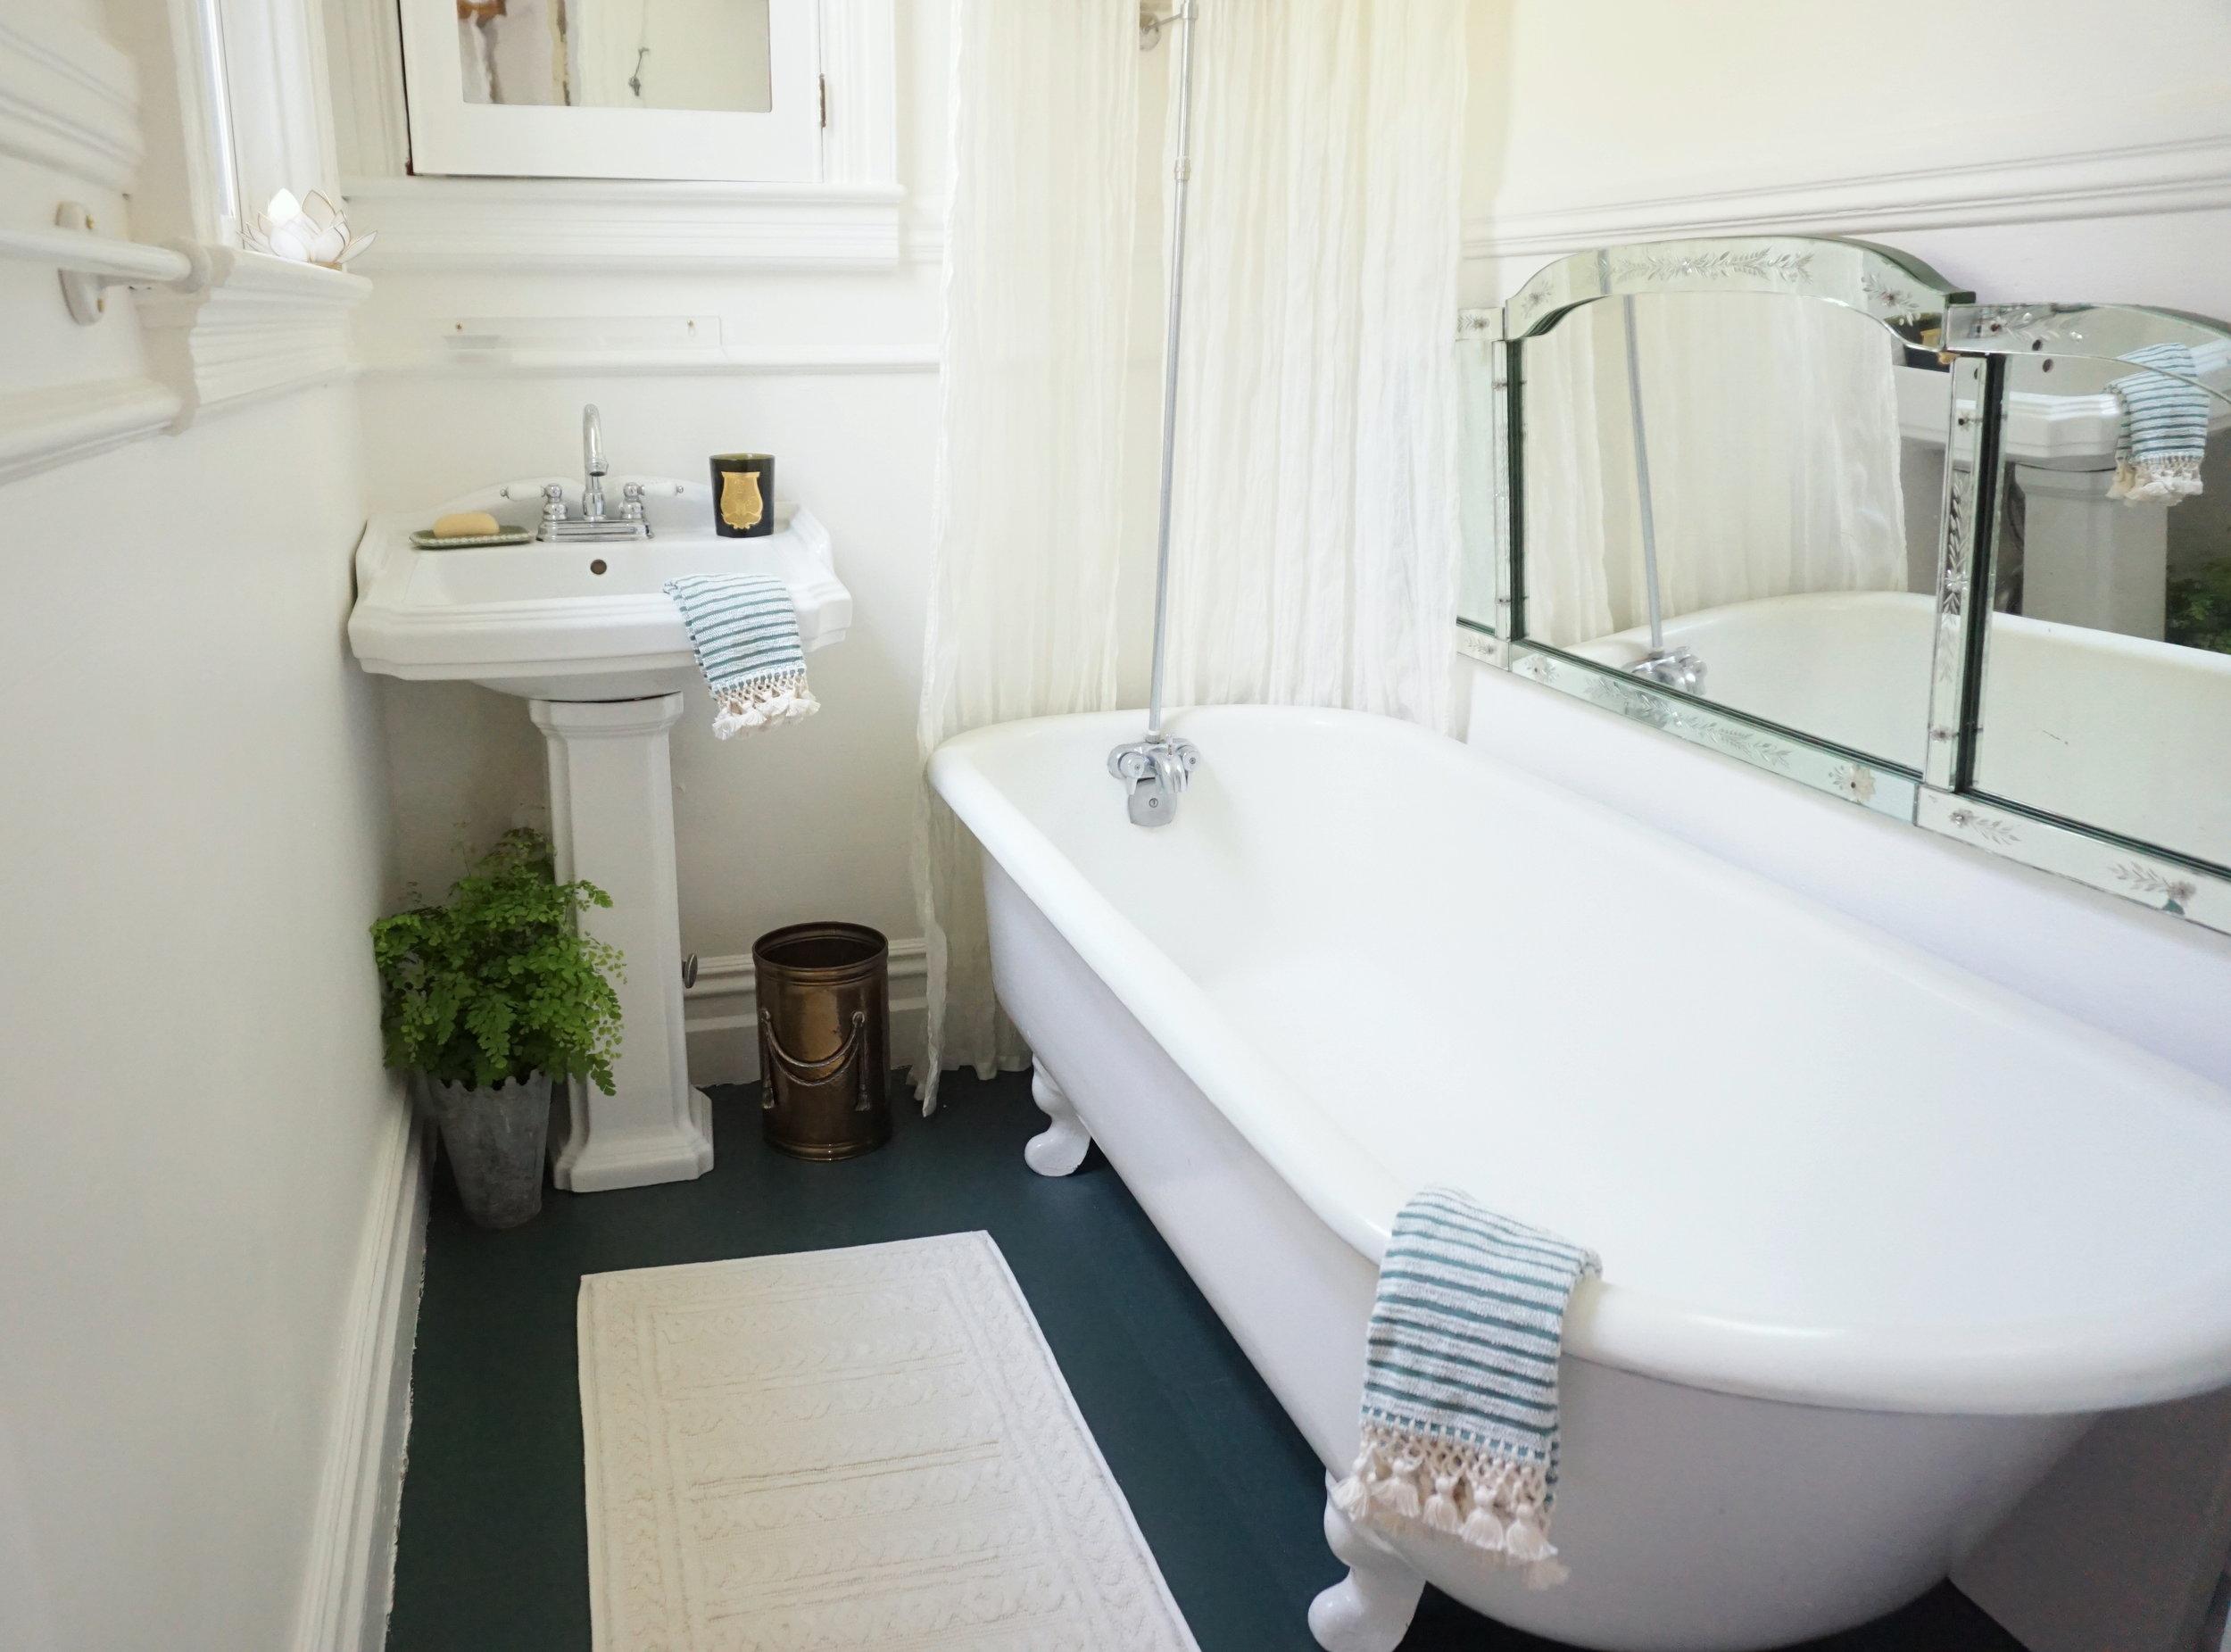 Studio AKJ Bathroom 1